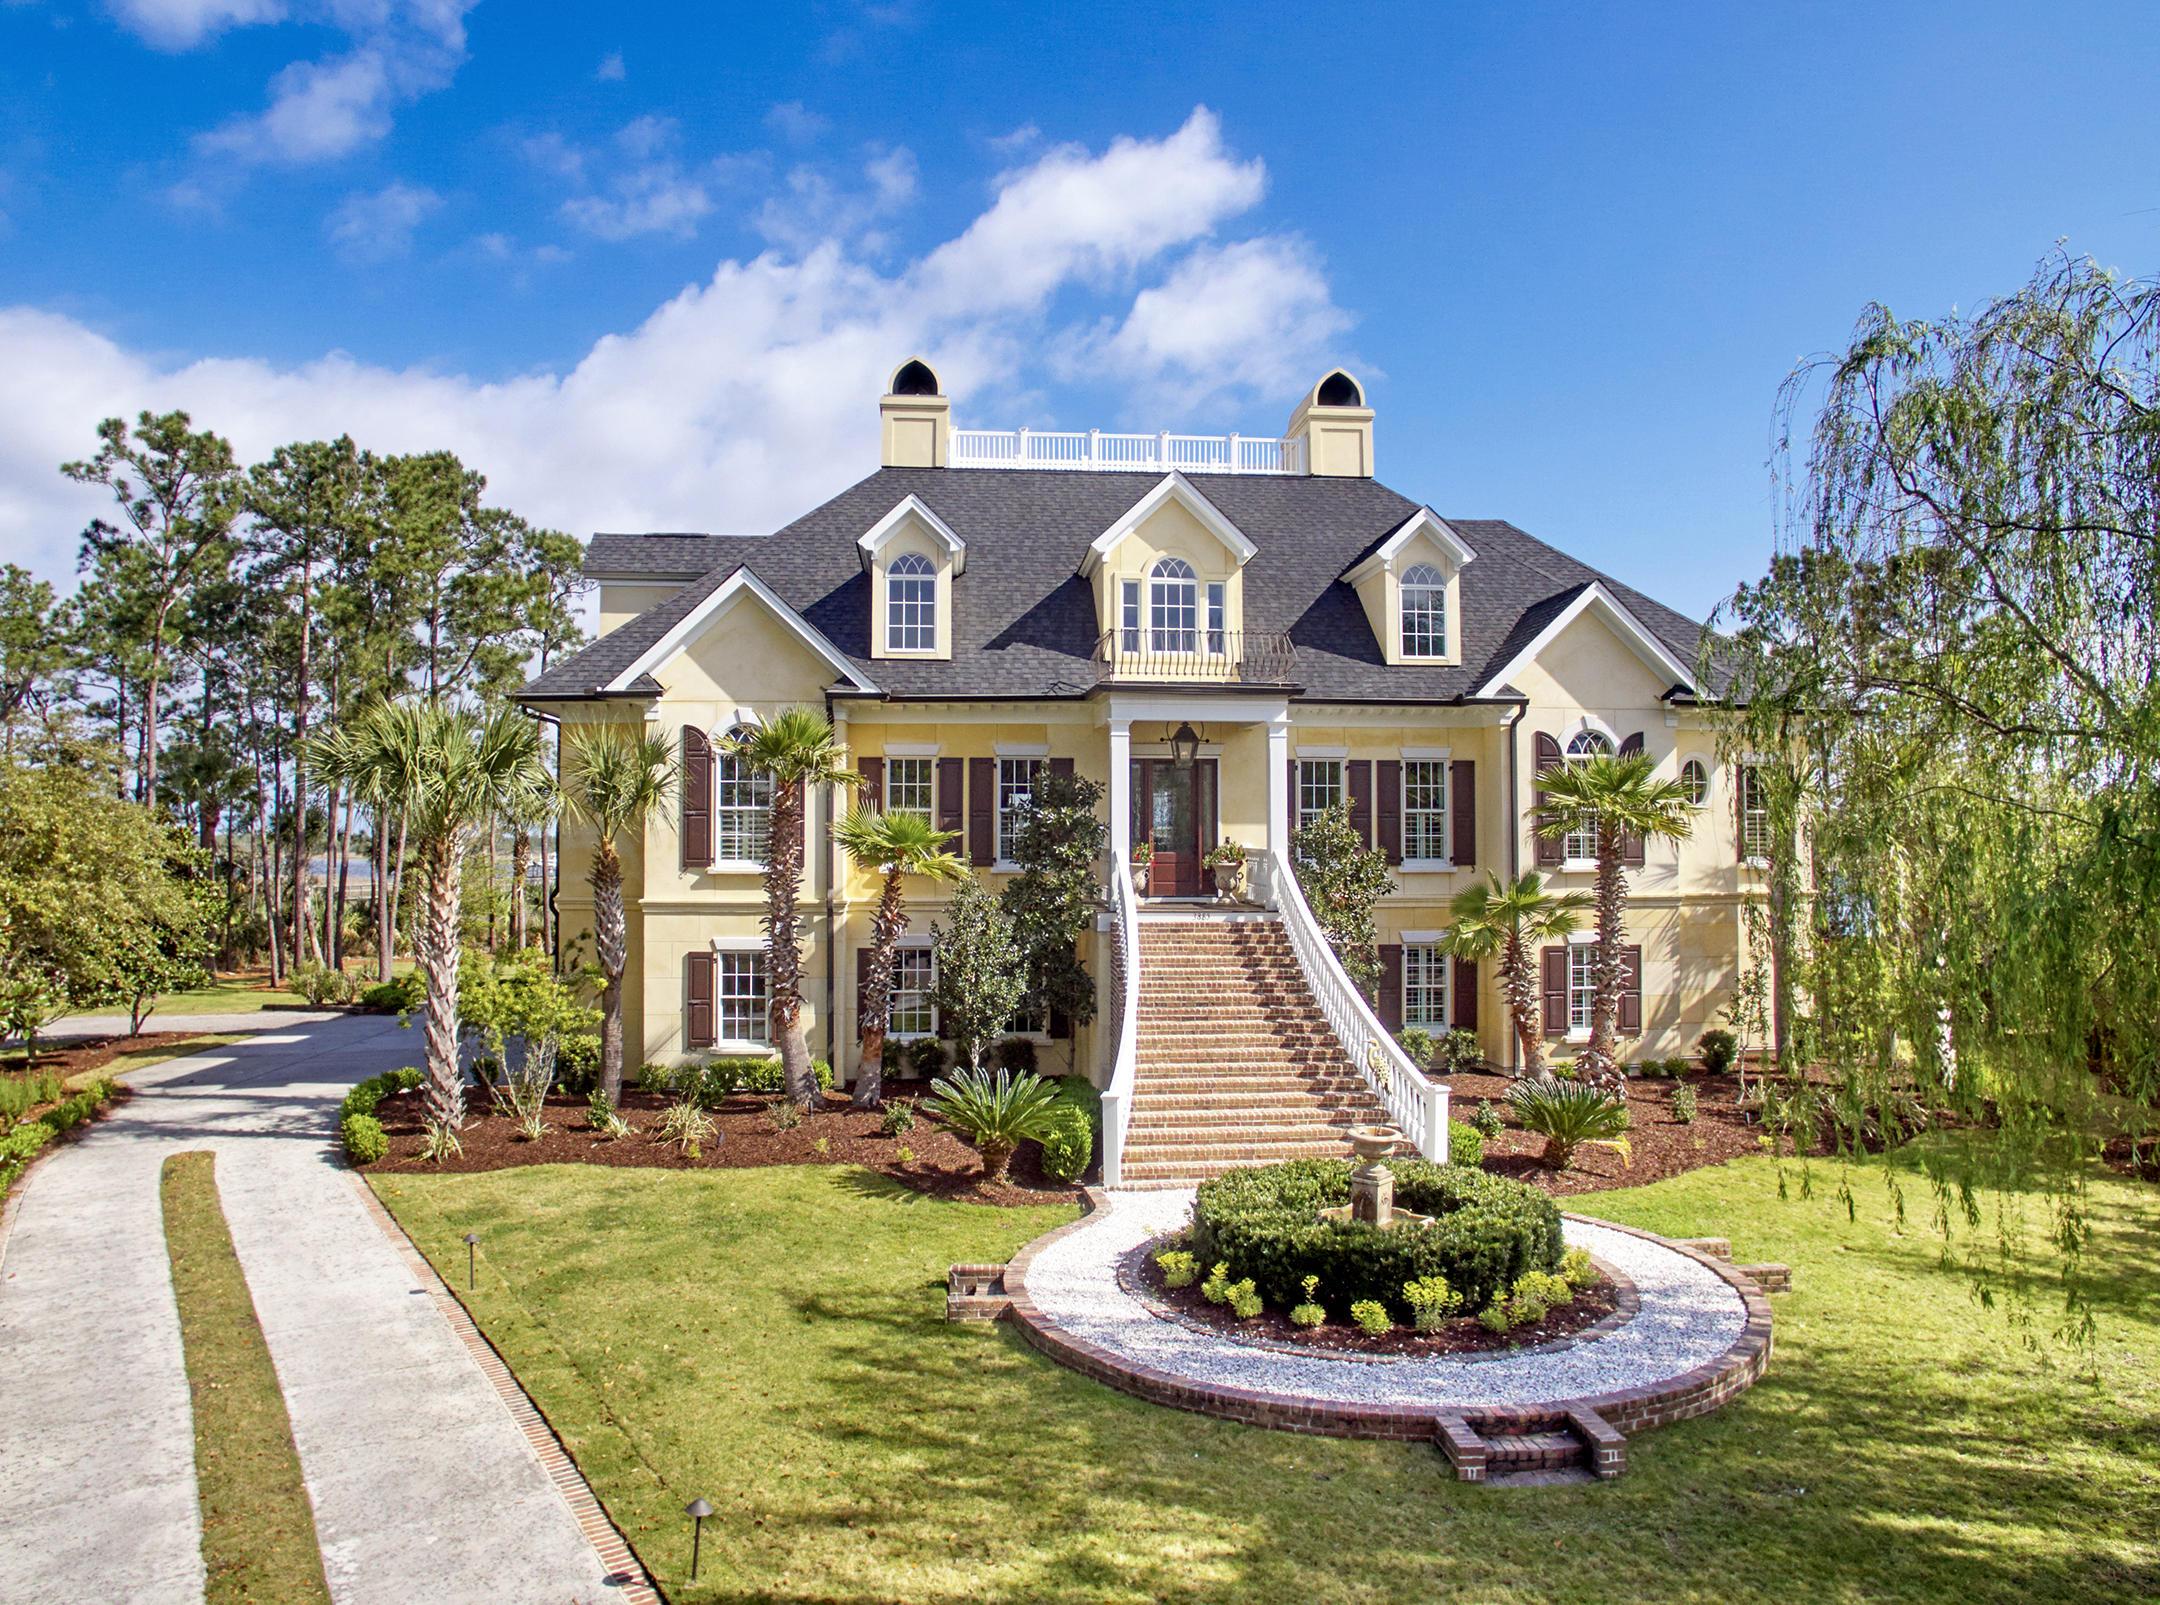 Park West Homes For Sale - 3885 Ashton Shore, Mount Pleasant, SC - 1